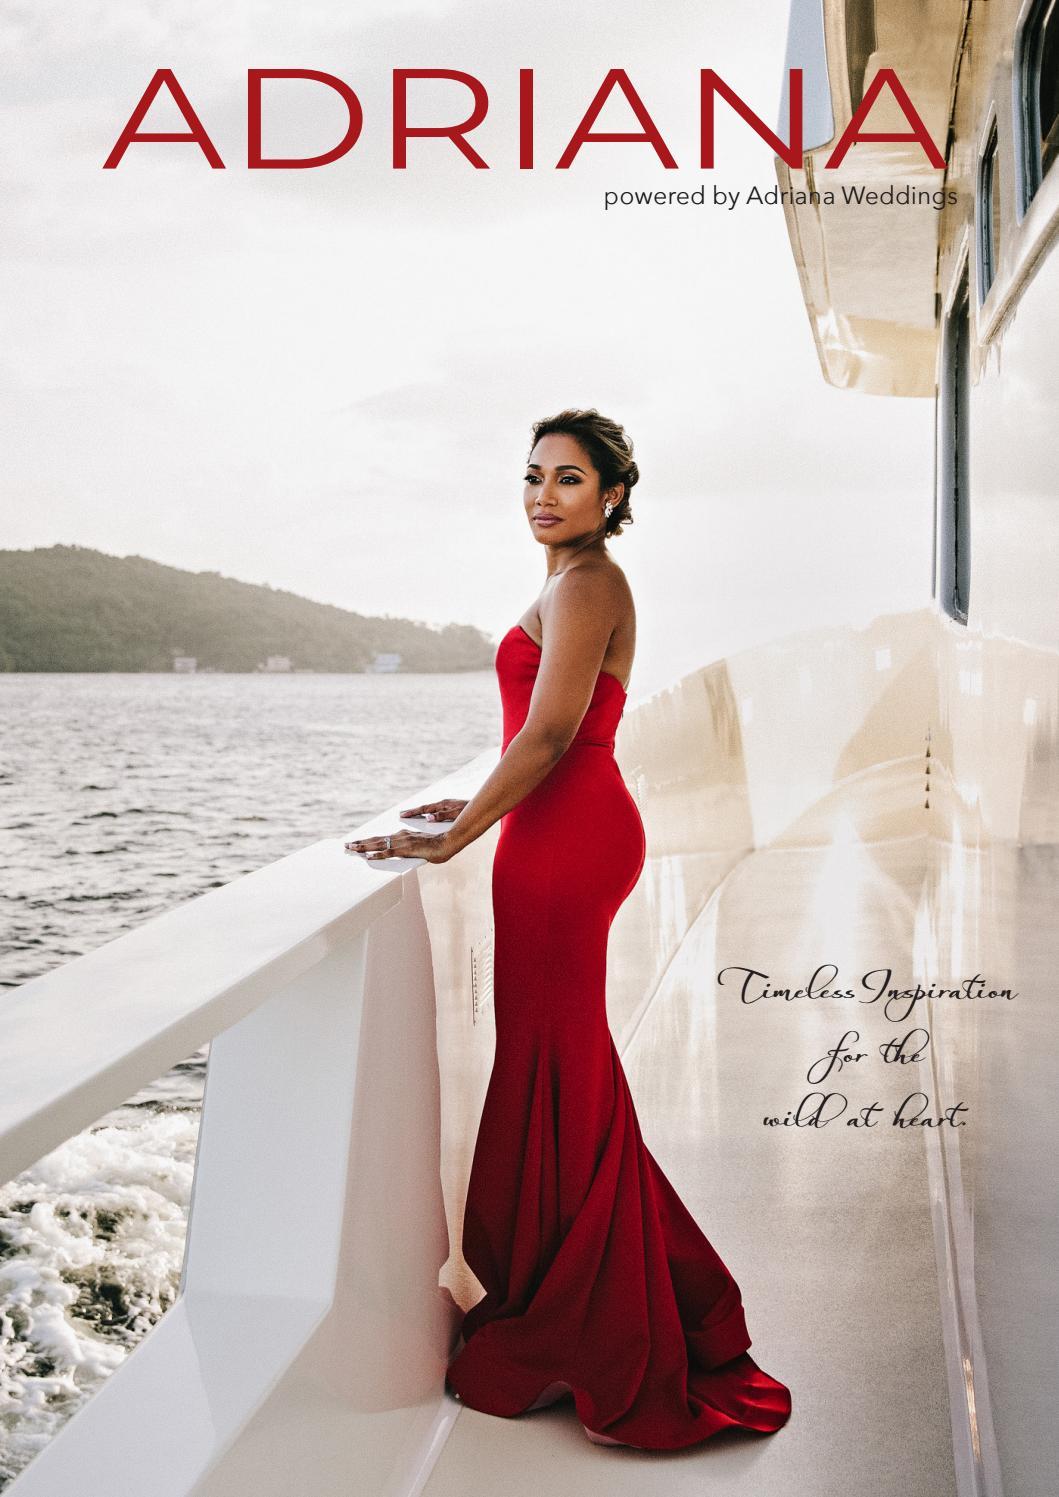 Adriana Weddings Destination Weddings Issue Ii By Adriana